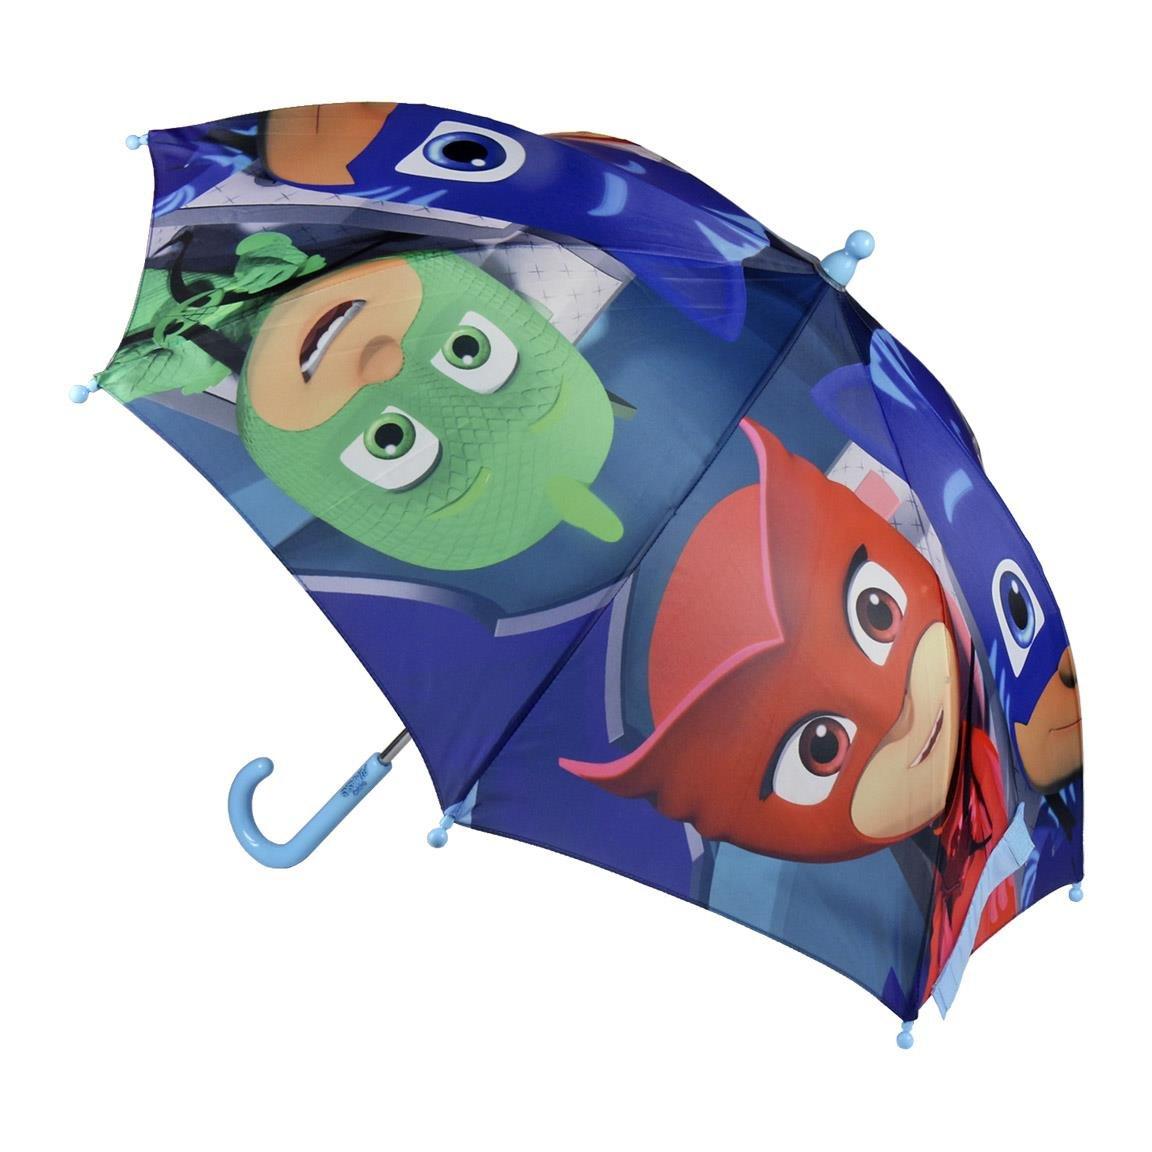 PJ Masks Pyjamasques 2400-365 Parapluie Ouverture Manuelle, Diamètre 70 Centimètres, Enfant, Multicolore, Yoyo, Bibou, Gluglu (Bleu)